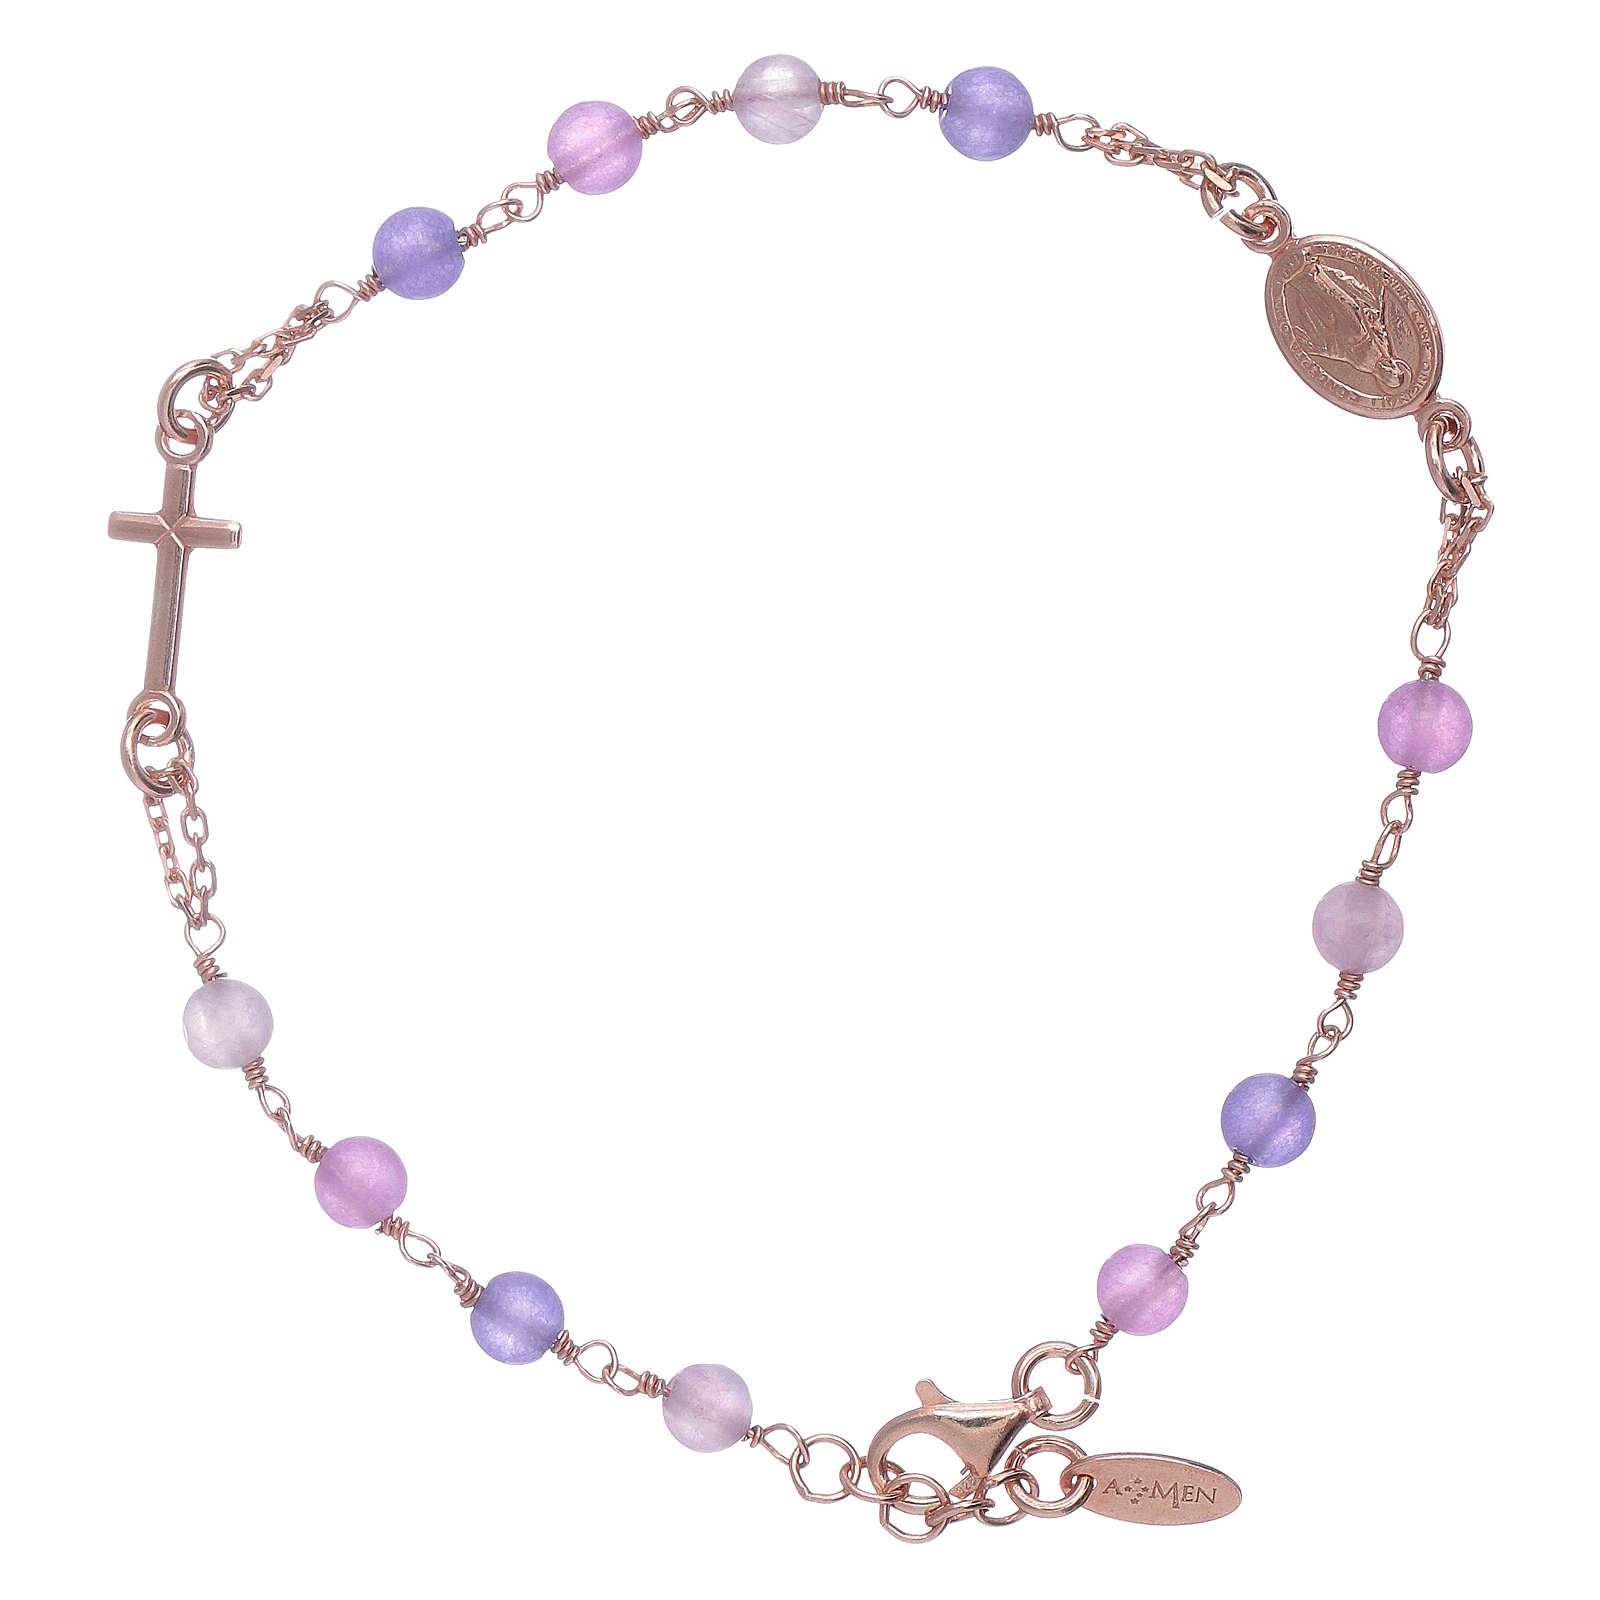 Bracciale rosario arg 925 AMEN giada colorata 4